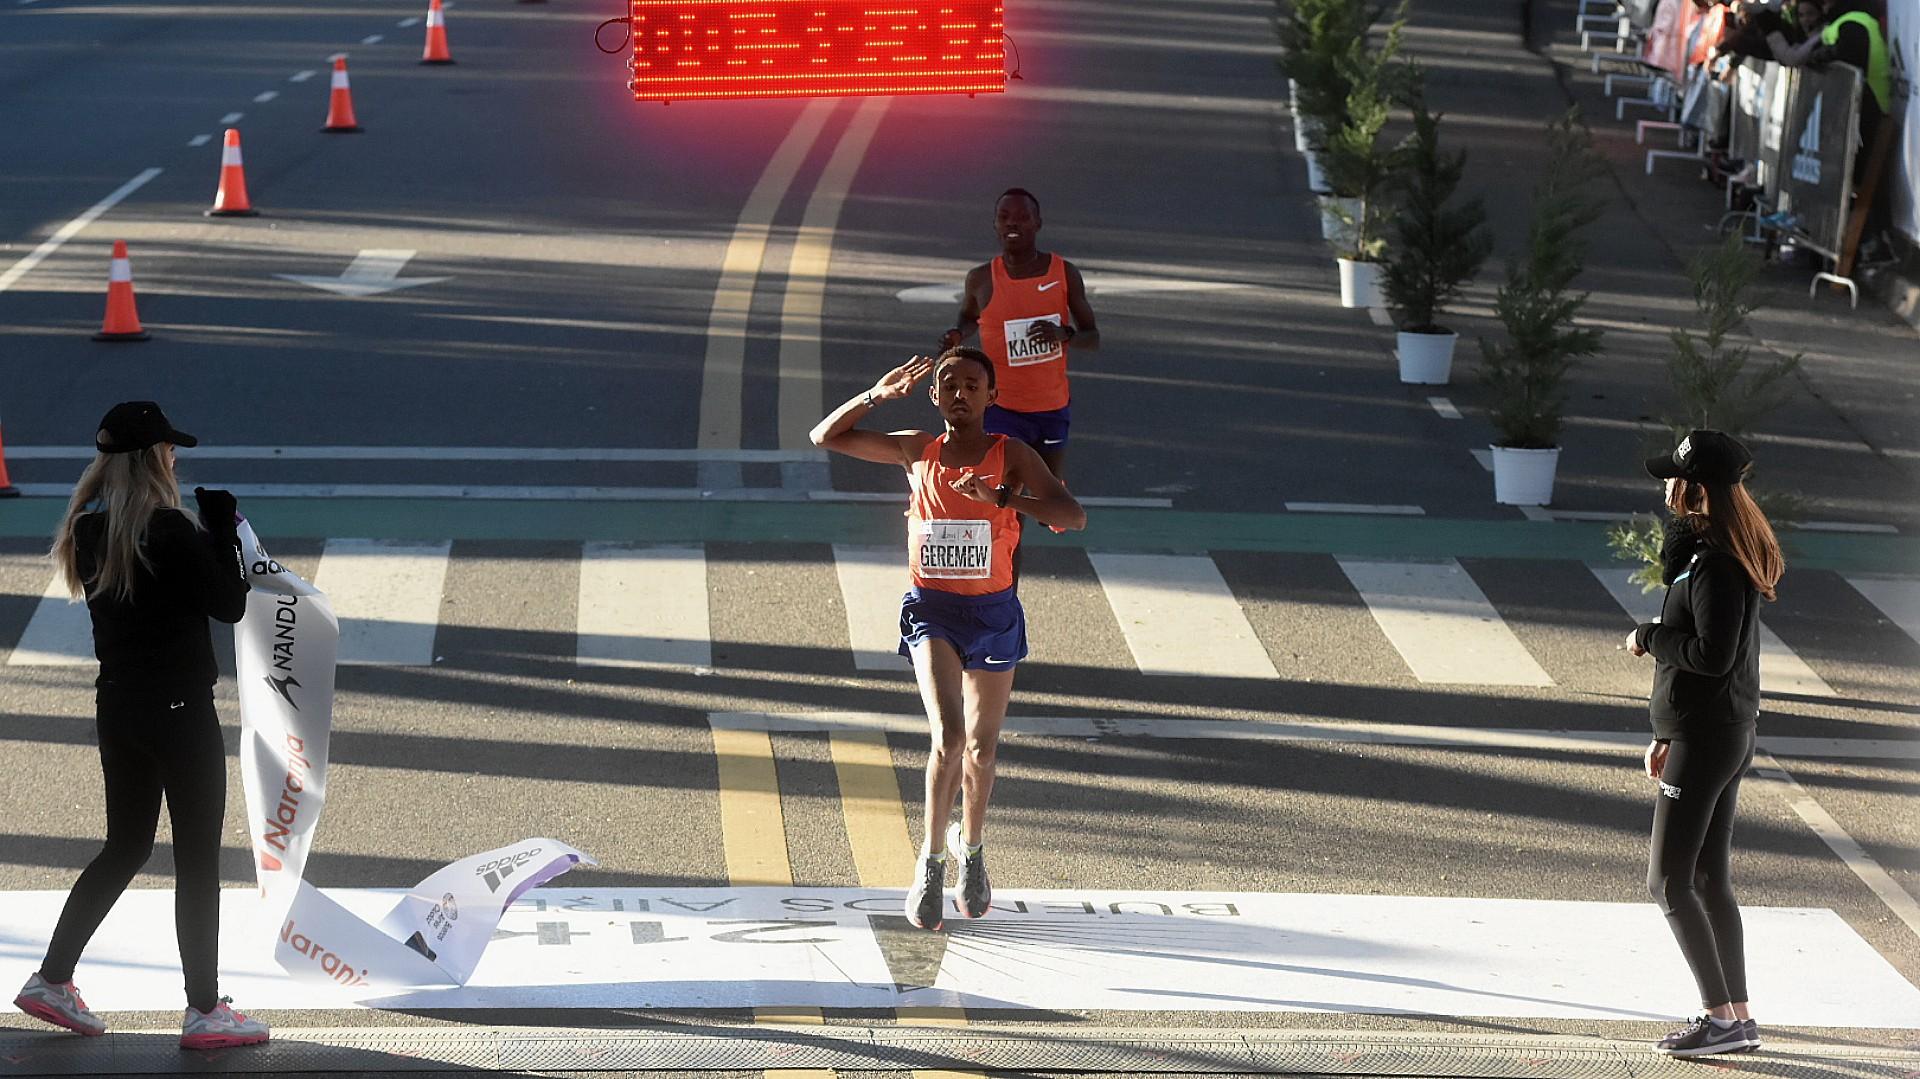 El claro ganador de la maratón fue el etíope, que rompió el récord al correr la media maratón en menos de una hora